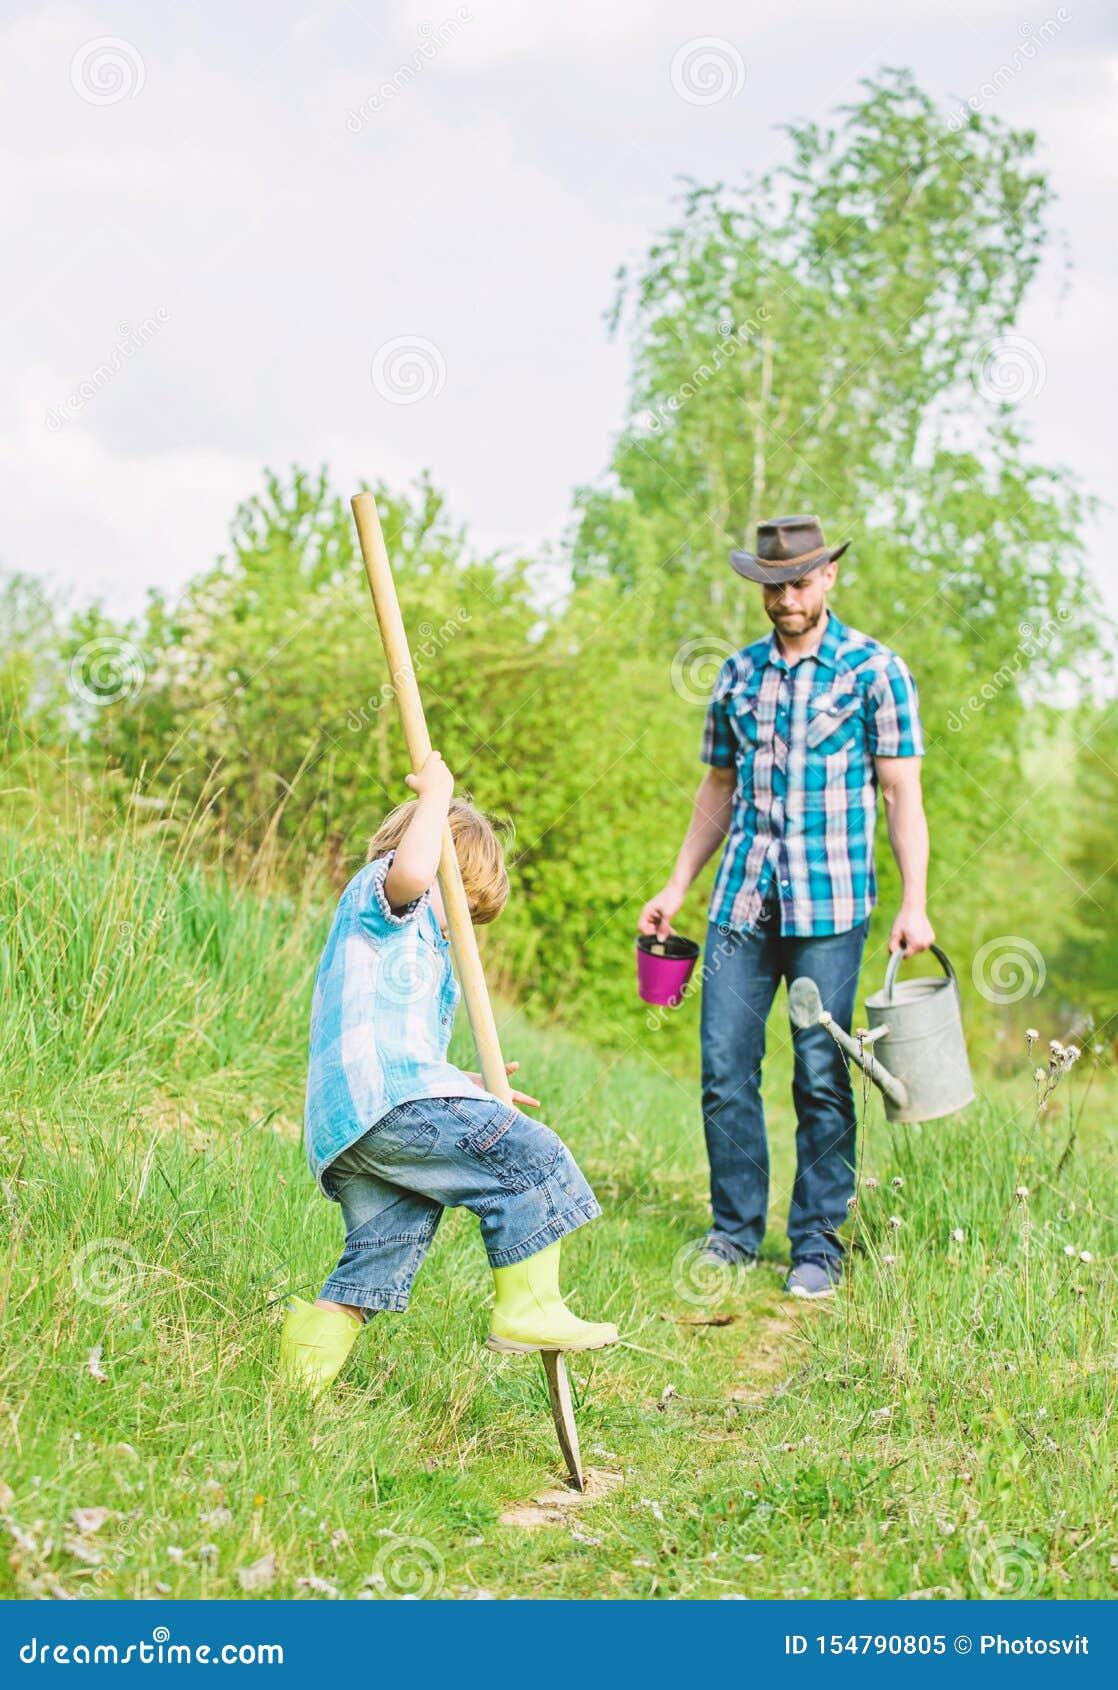 Kleine de hulpvader van het jongenskind in de landbouw Het nieuwe leven gronden en meststoffen vader en zoon die stamboom planten